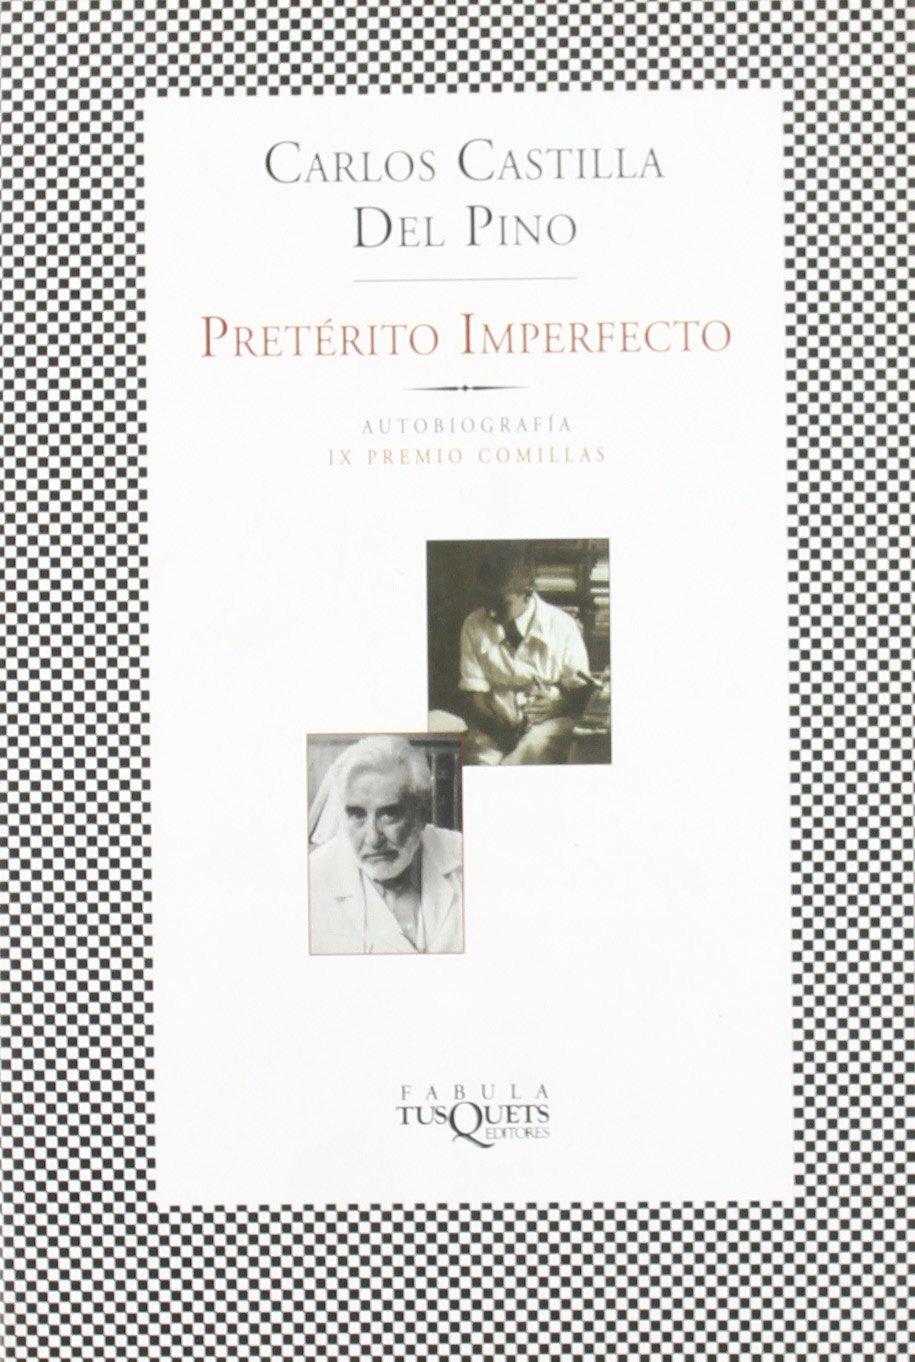 Pretérito imperfecto (FÁBULA): Amazon.es: Carlos Castilla del Pino: Libros